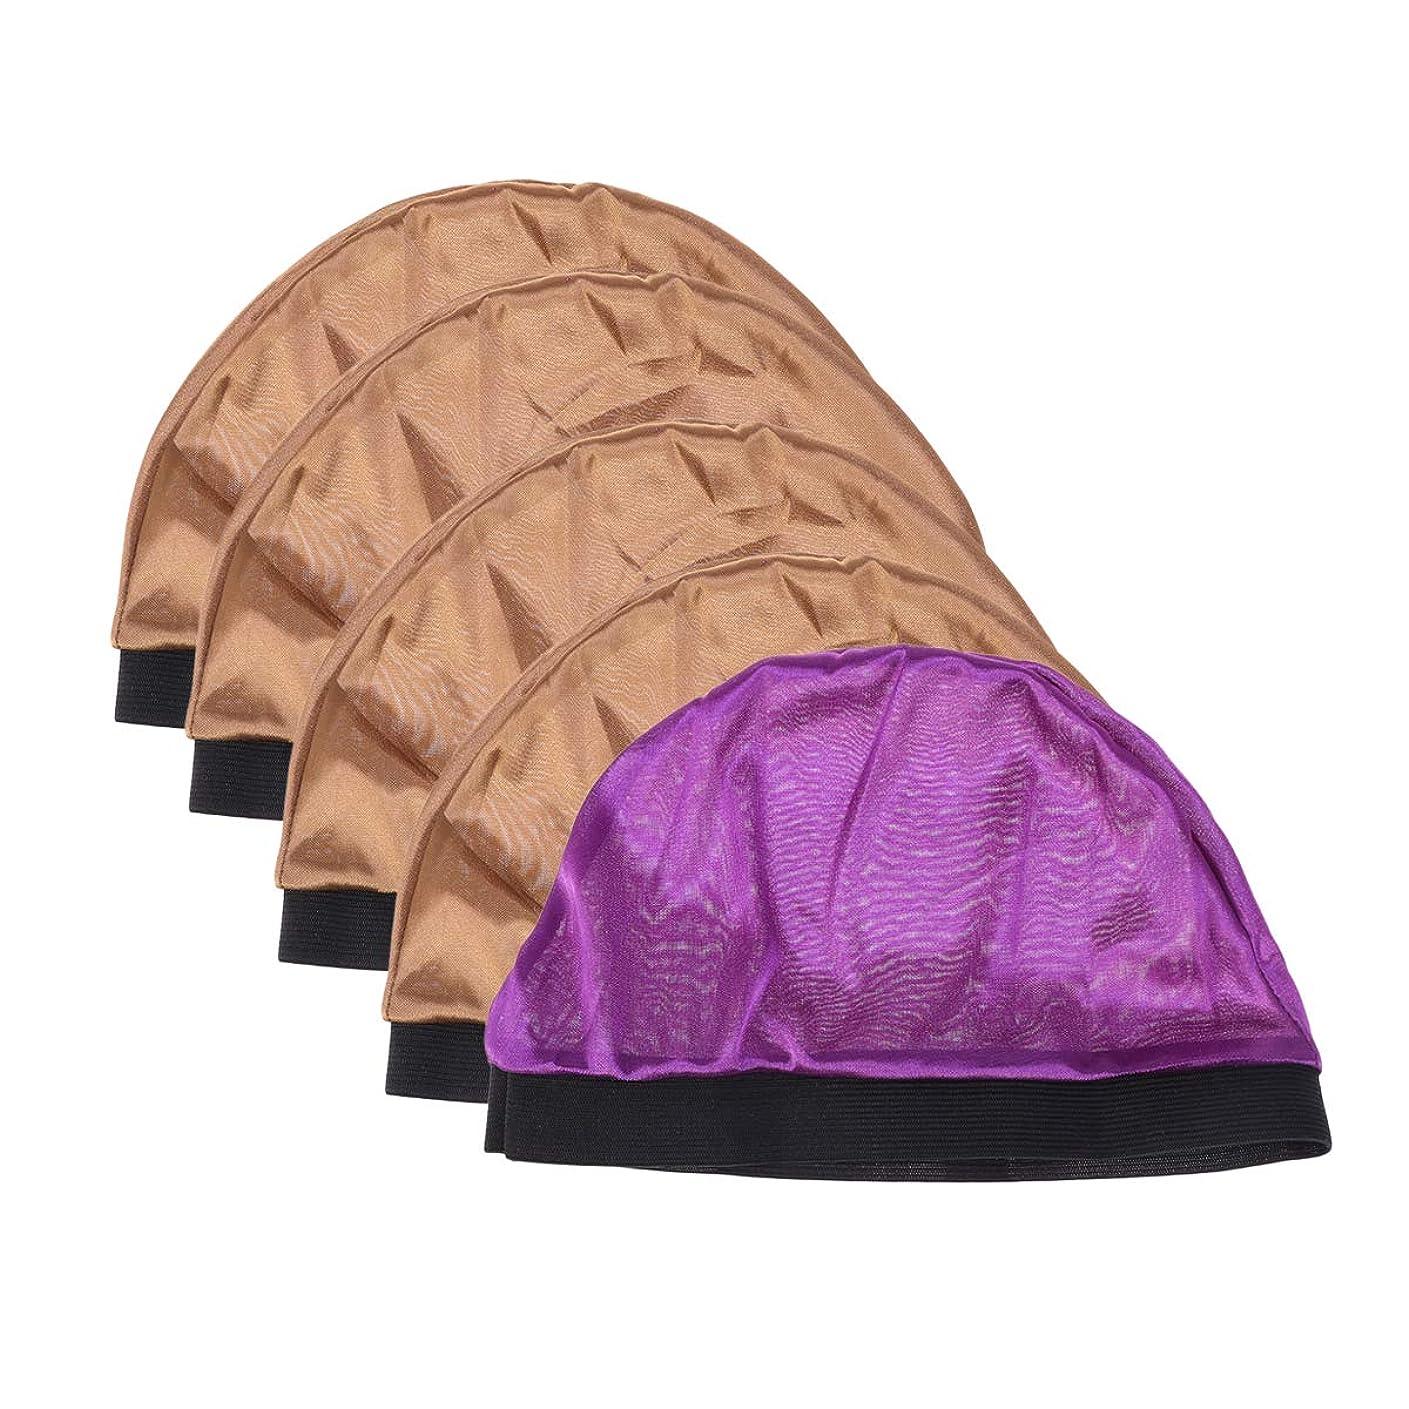 アンタゴニストエスニック正確にSUPVOX 5ピース 医療用帽子 抗がん剤 ウィッグキャップ ケア帽子 薄手 通気性抜群 柔らかい 防風 無地 男女兼用 (カーキ色と紫色)